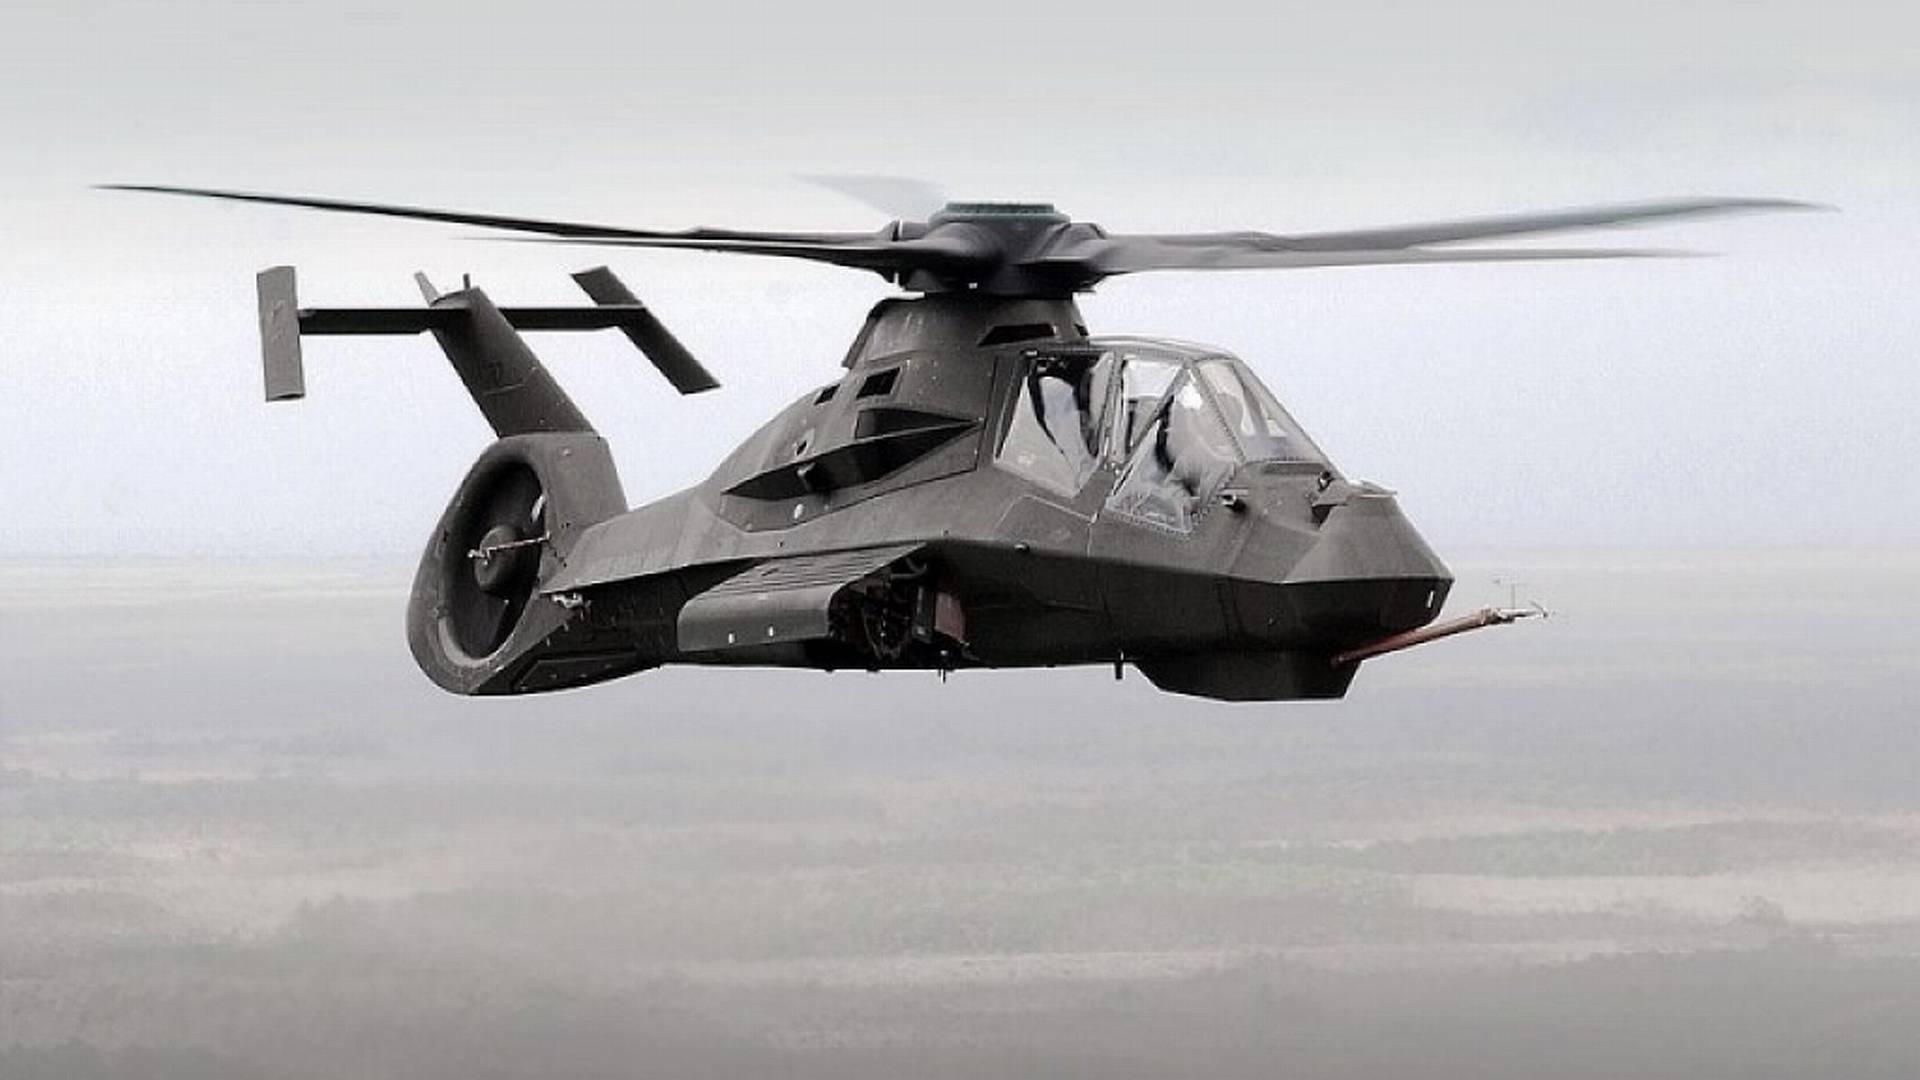 Читать онлайн вертолеты. иллюстрированная энциклопедия | боинг-сикорский rah-66 «команч» и скачать fb2 без регистрации